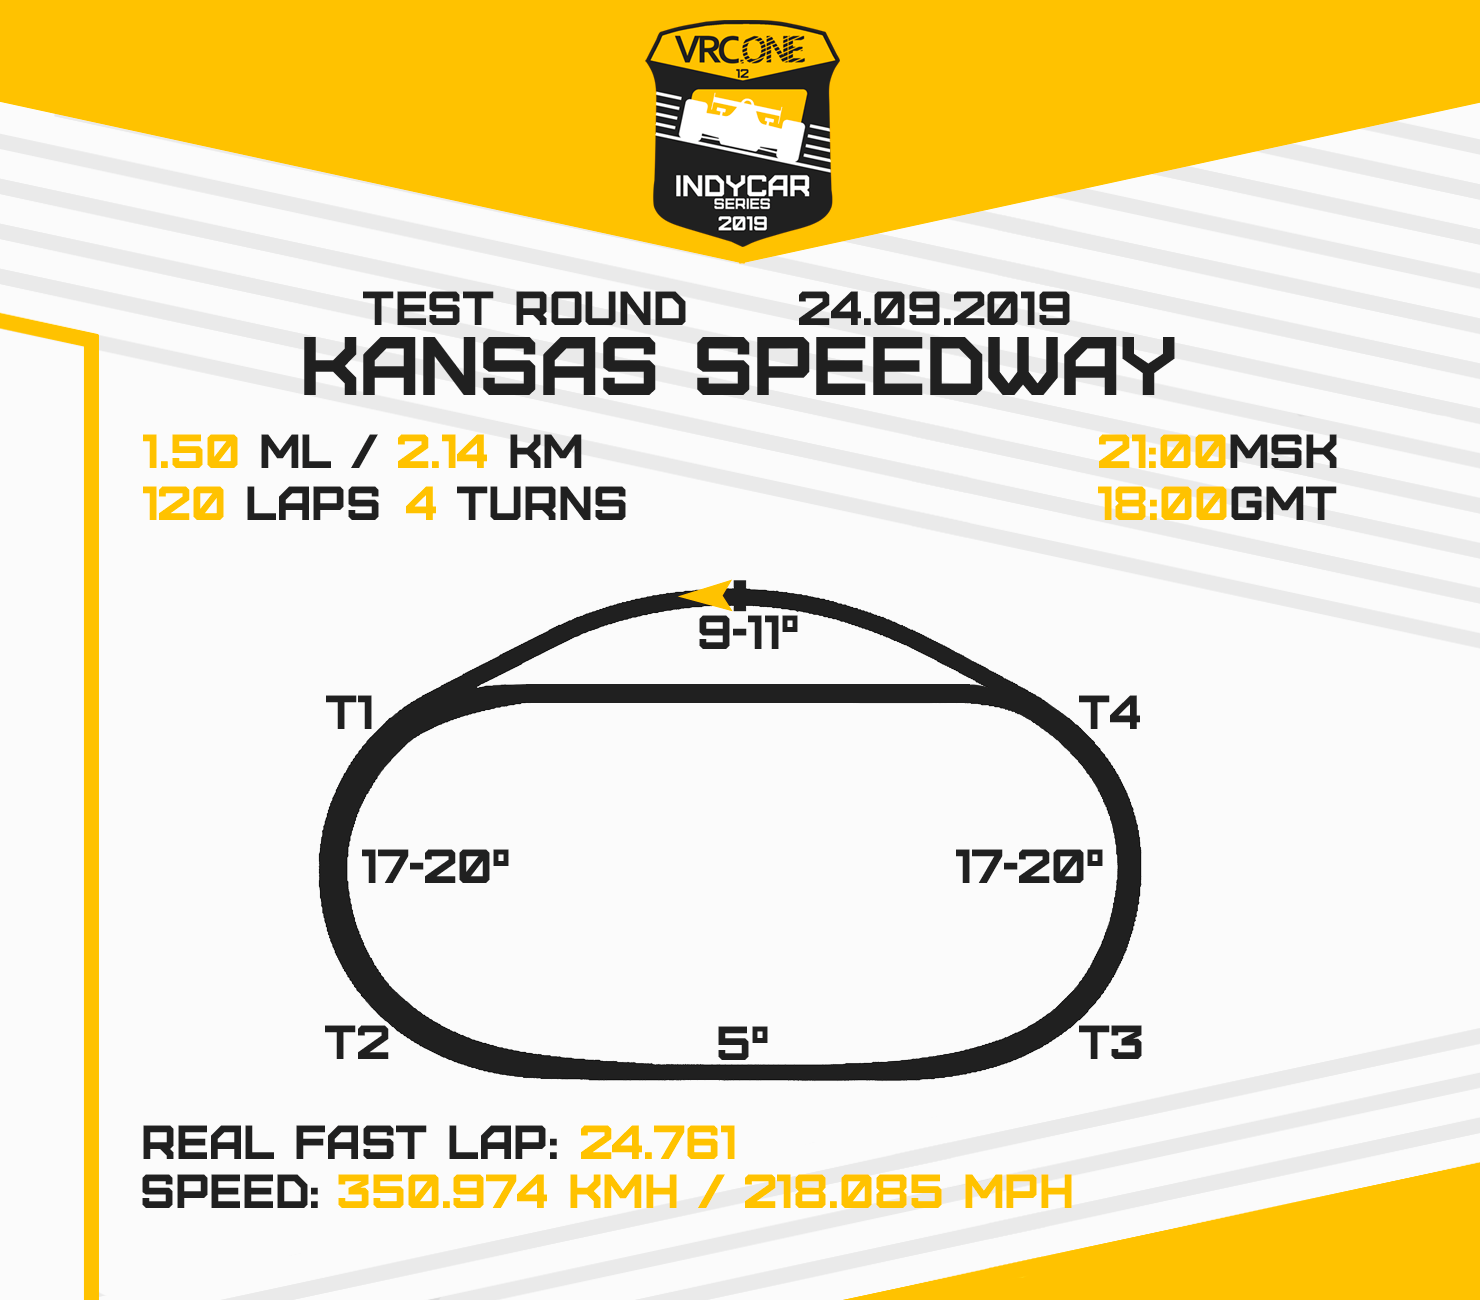 VRC Indycar 2019 - Test Round - Kansas